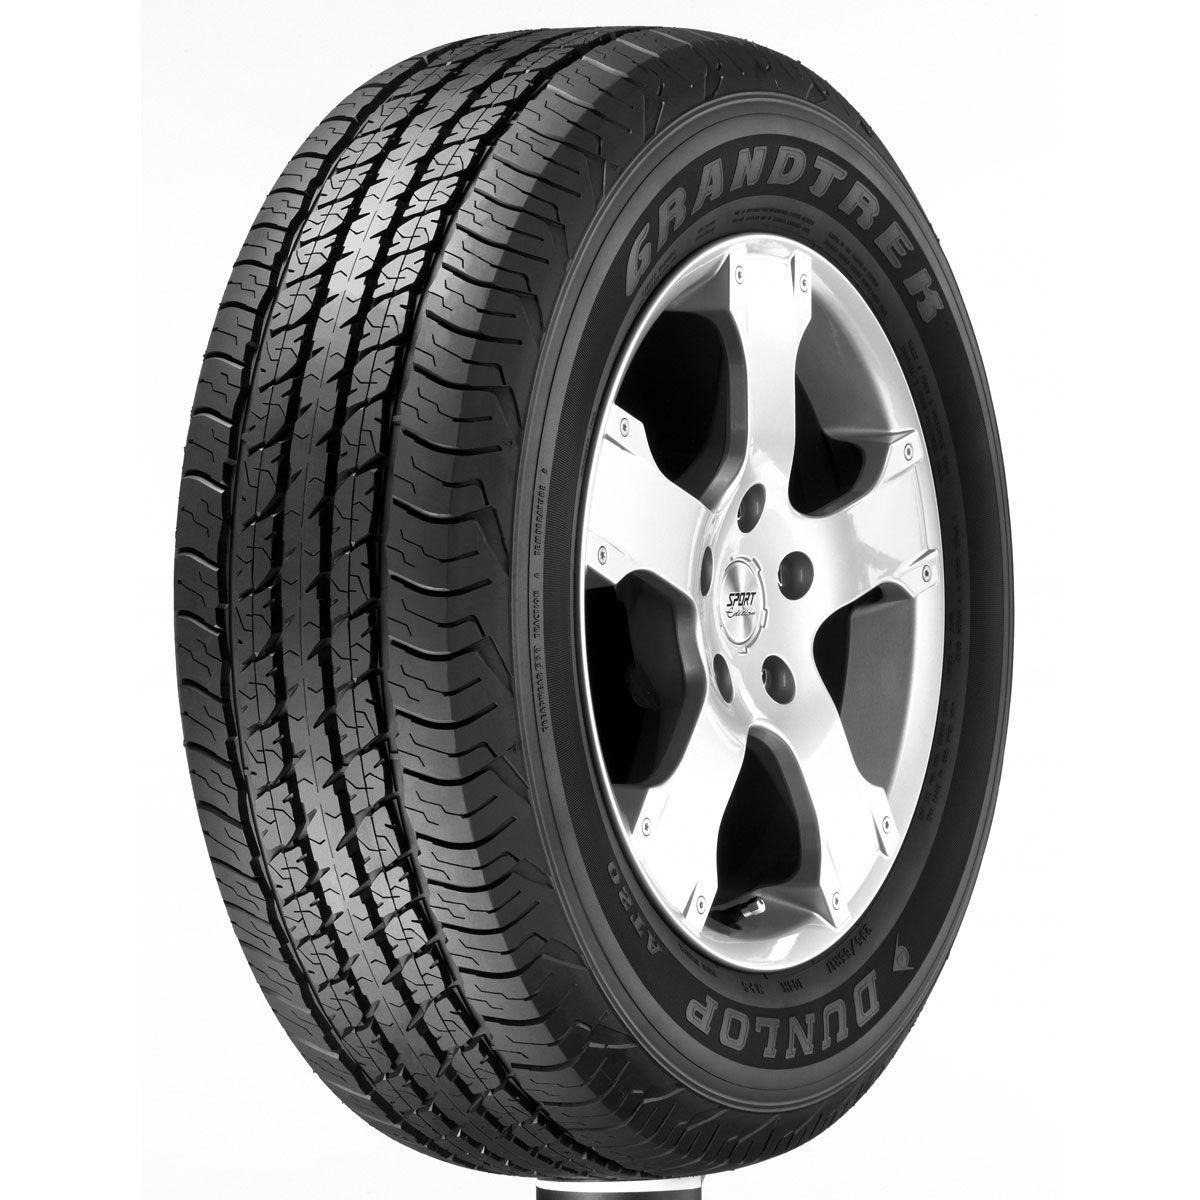 Pneu Dunlop 265/65 R17 112S AT3 BLT EI